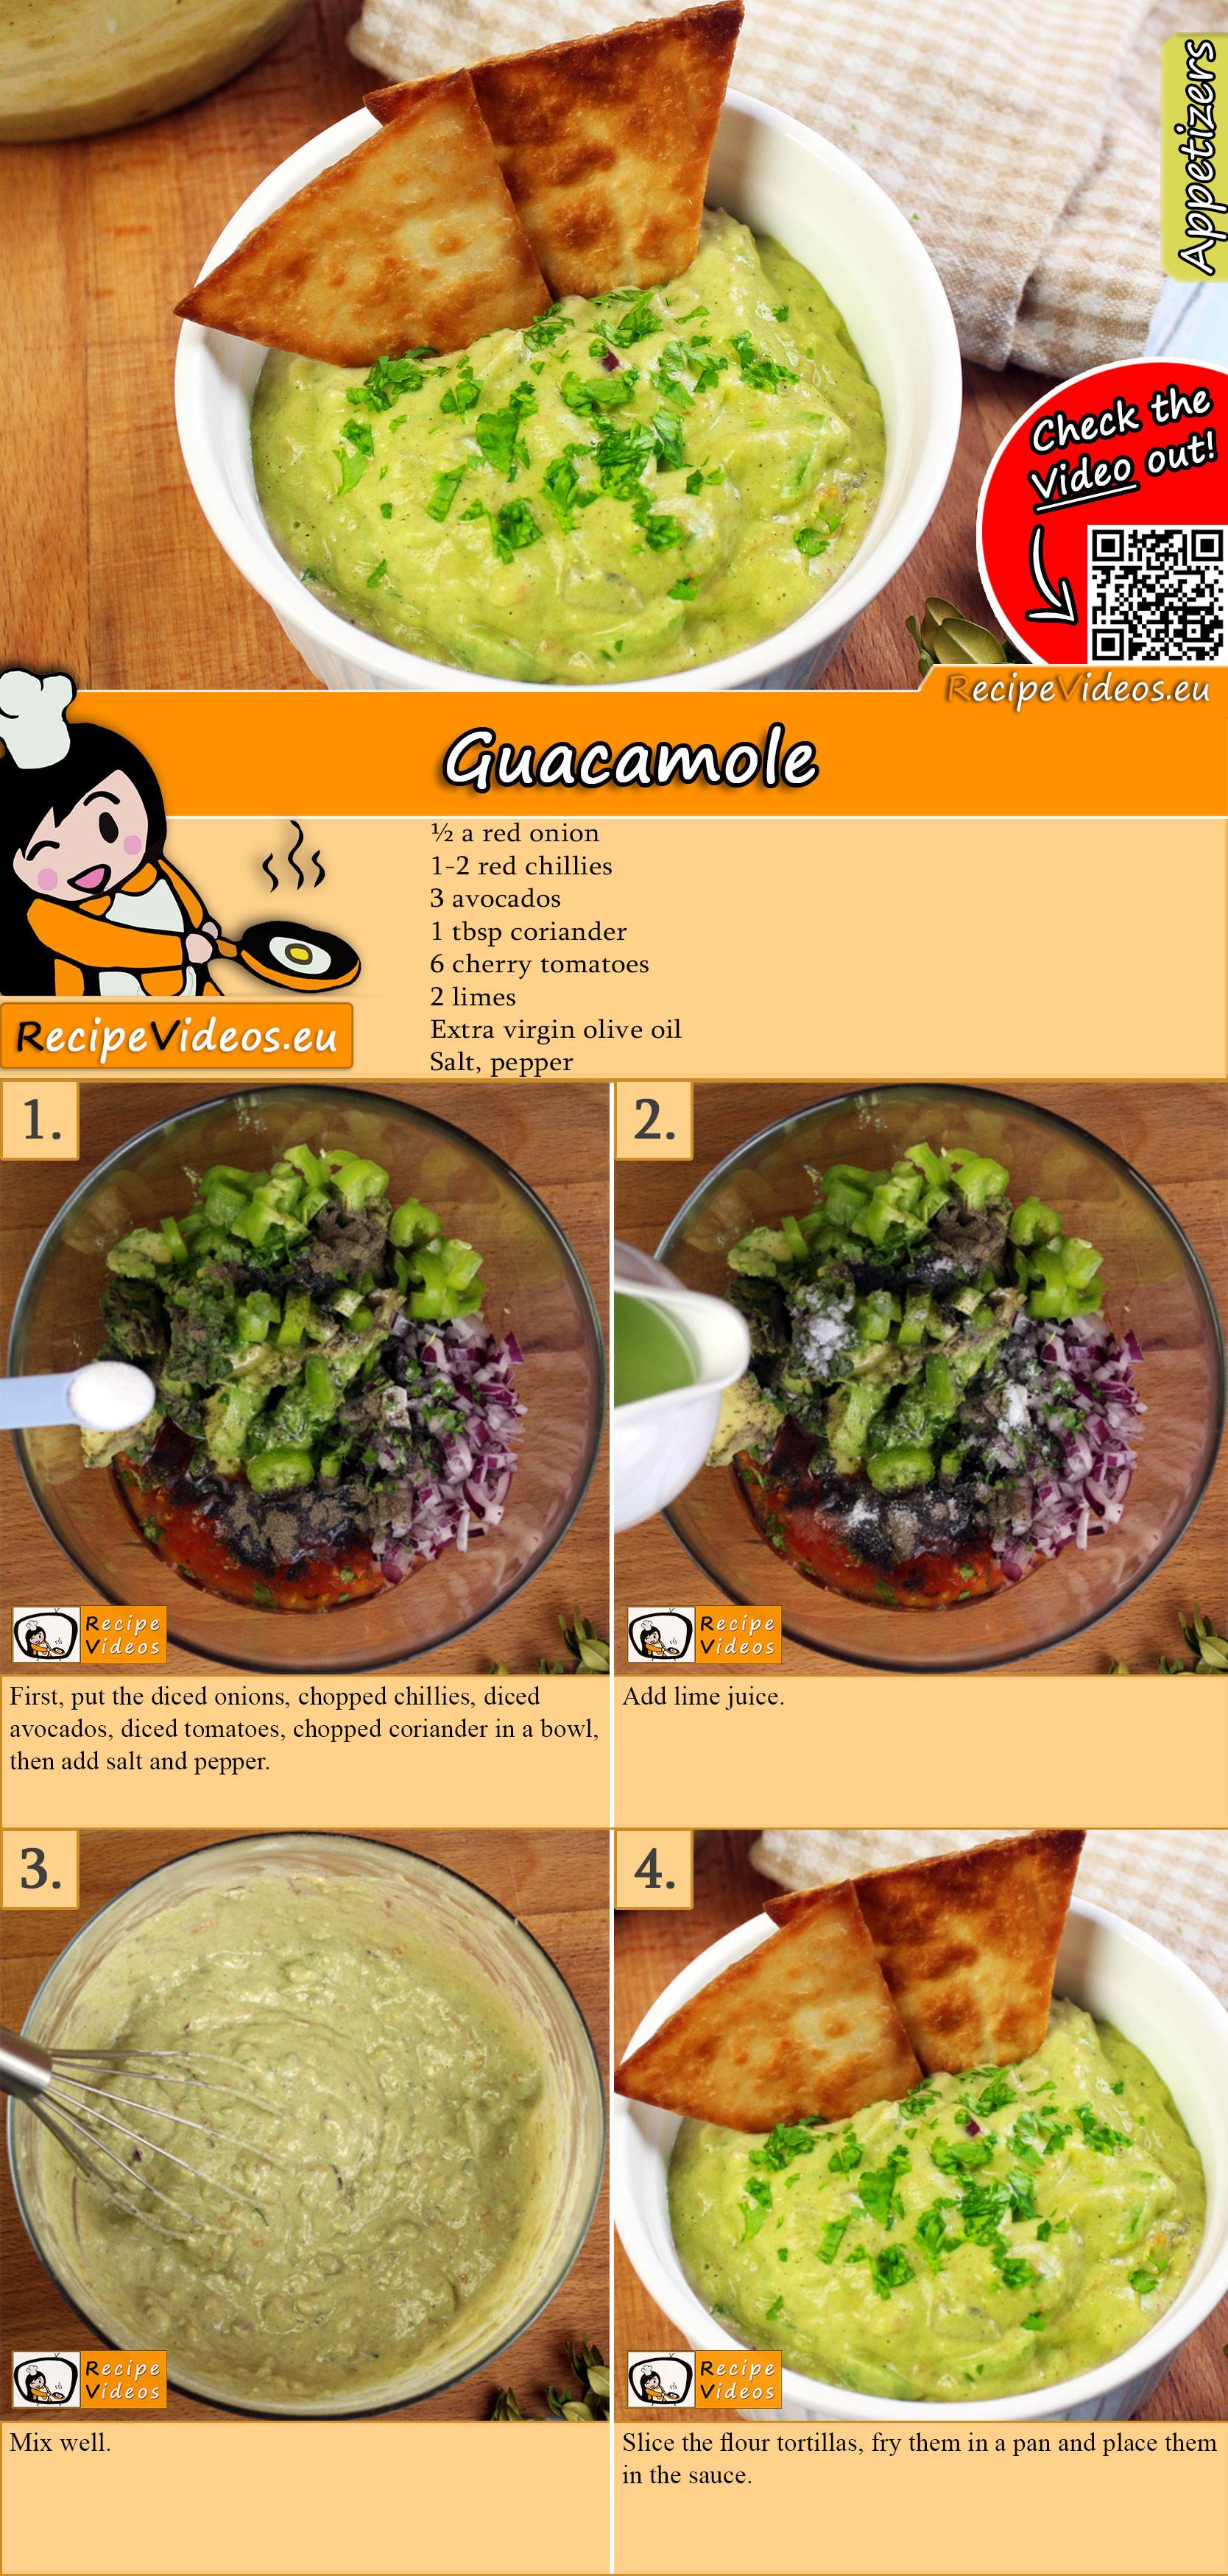 Guacamole recipe with video